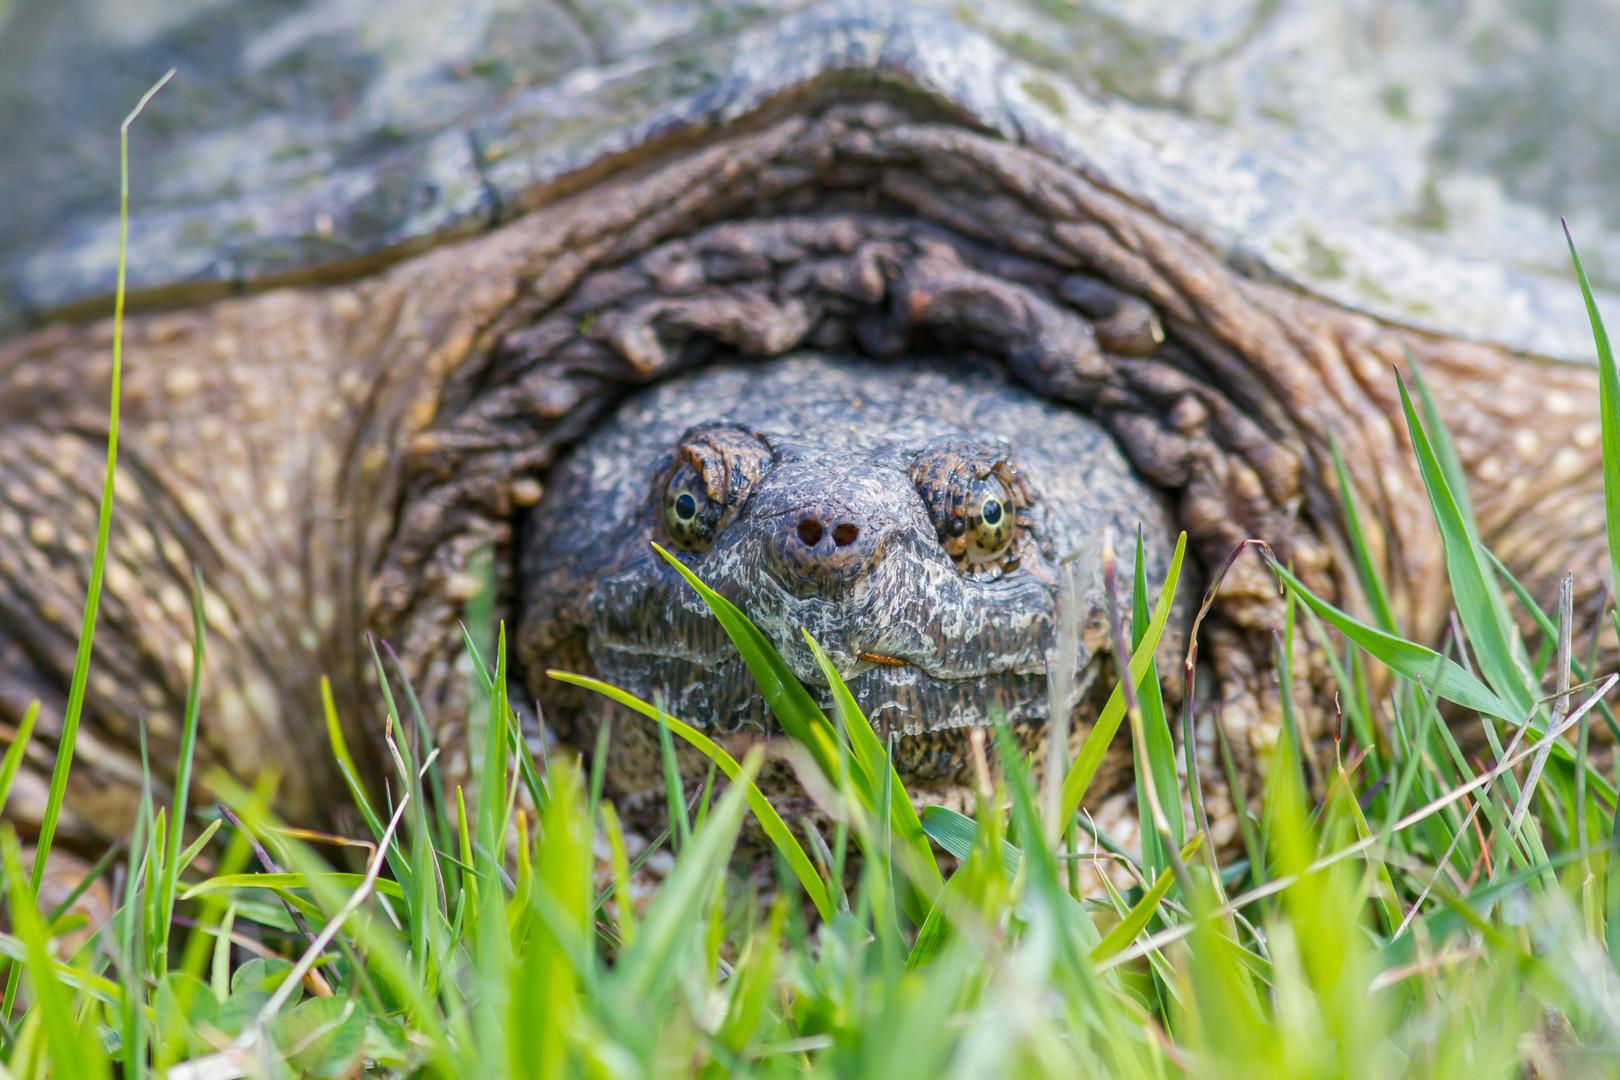 Portrait de Tortue serpentine / Snapping turtle portrait.